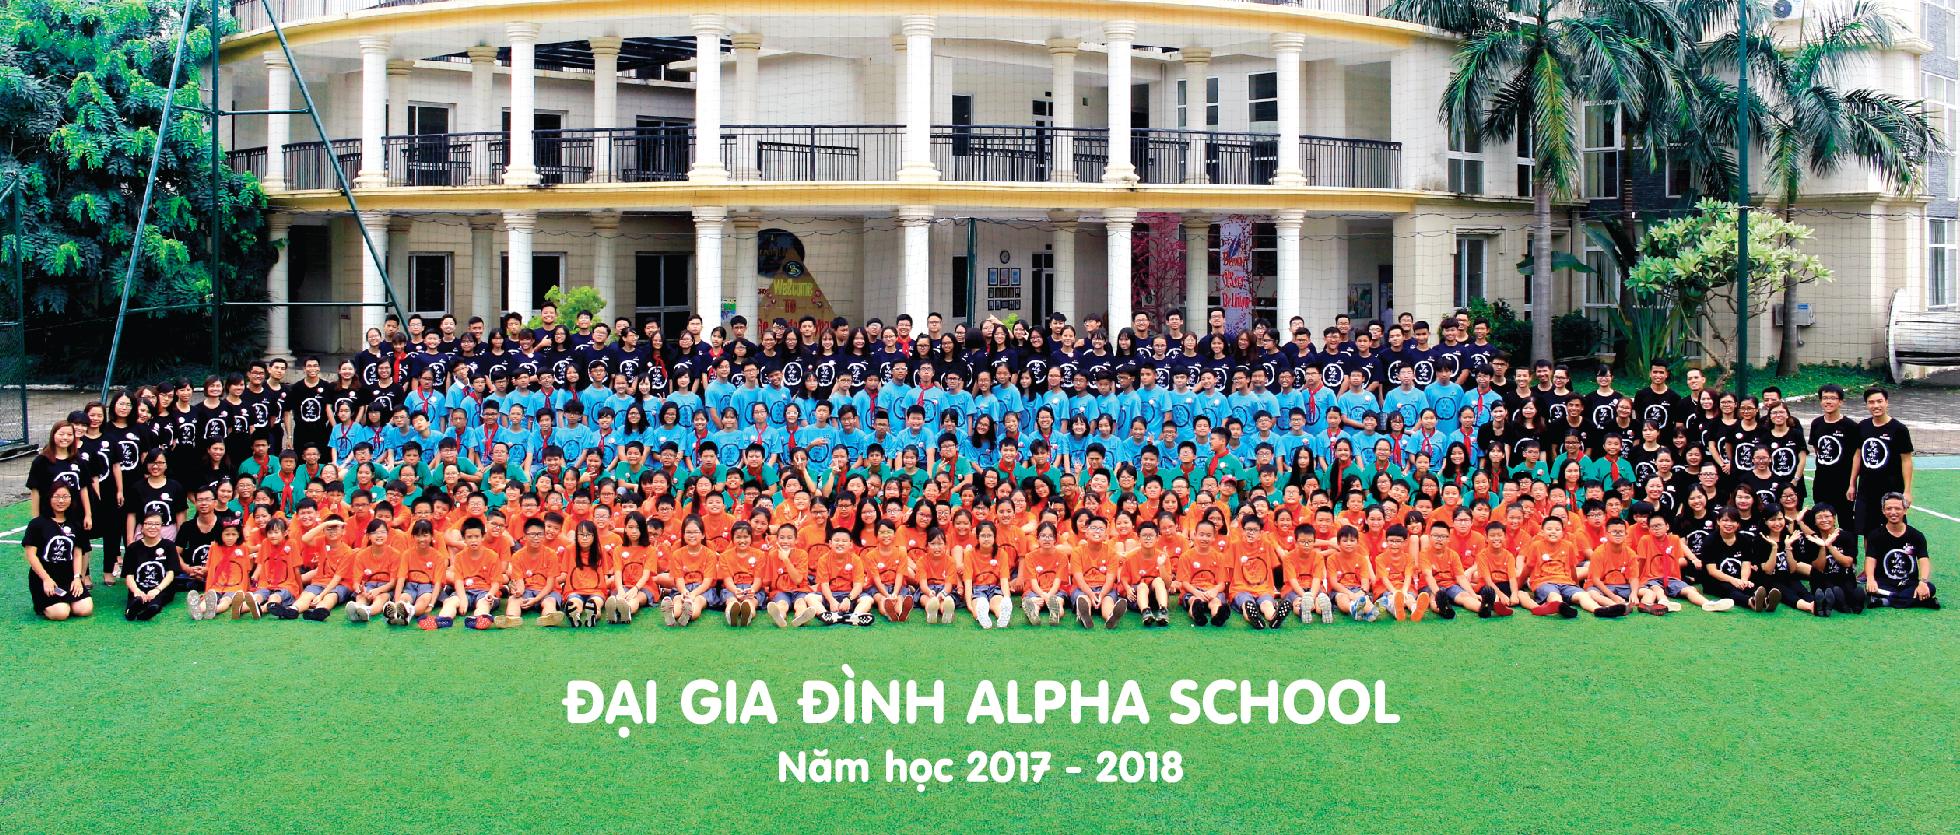 Anh khai giảng năm học 2017 - 2018